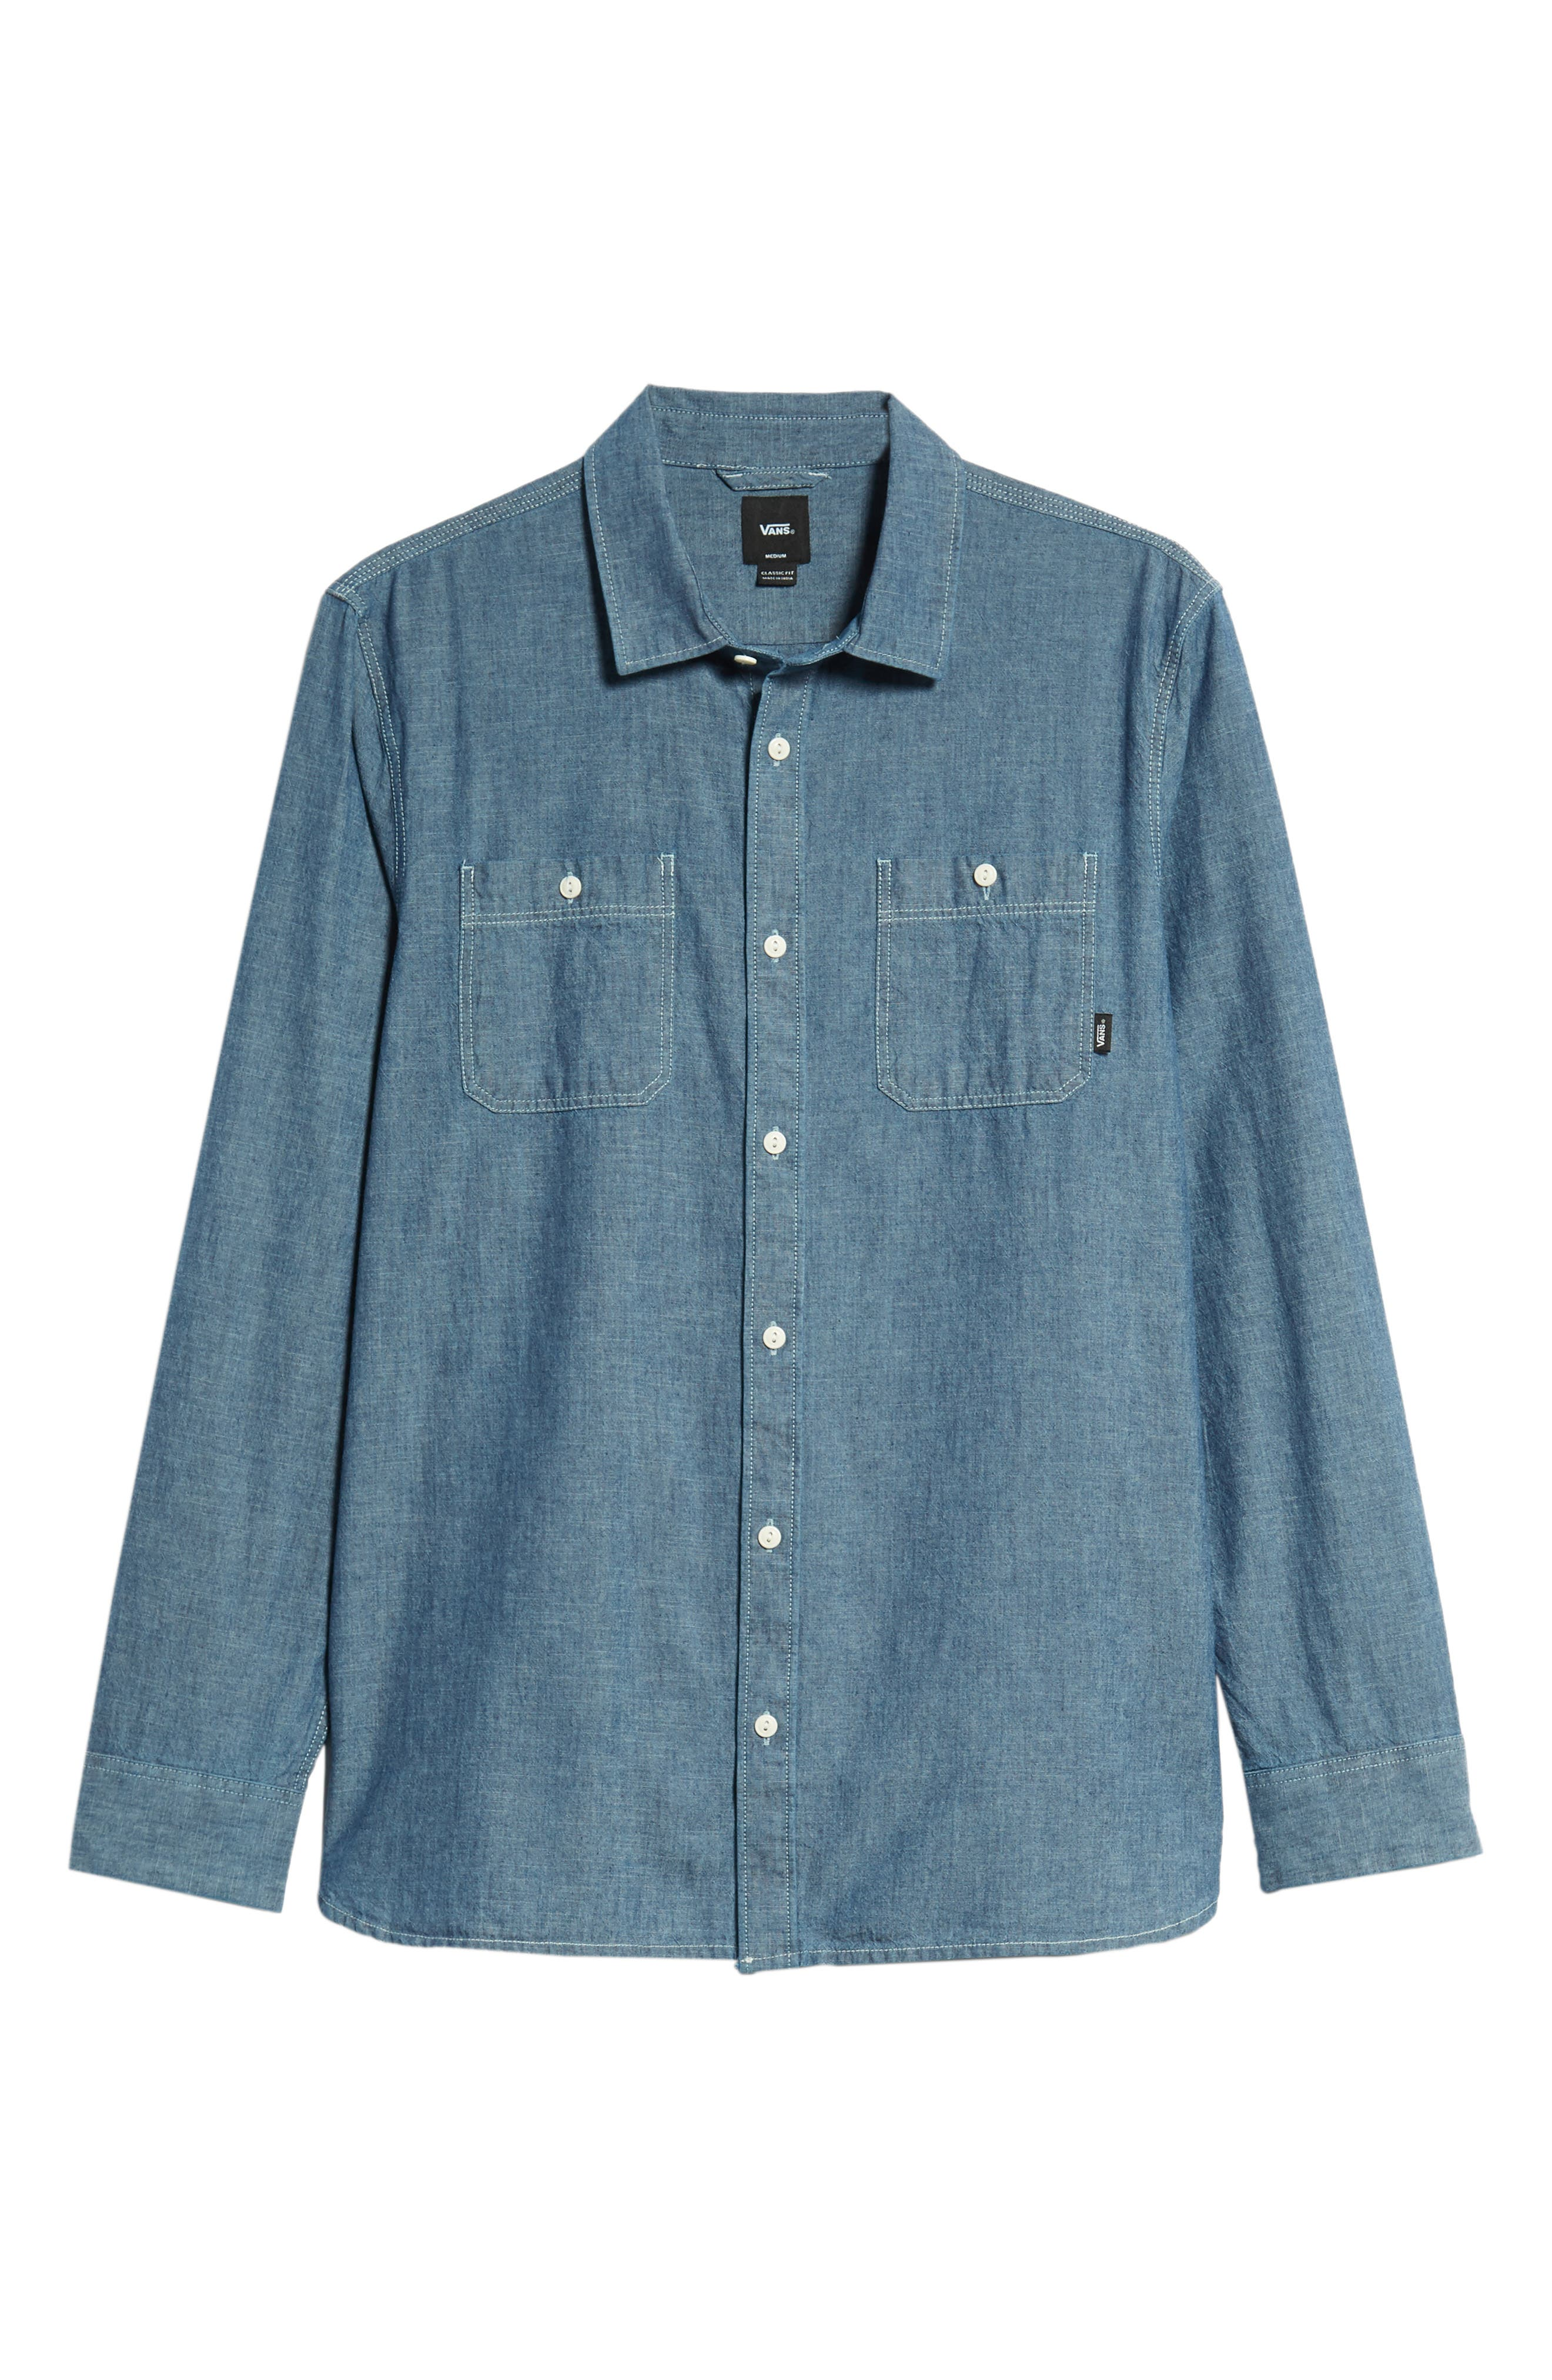 Carlow Chambray Shirt,                             Alternate thumbnail 5, color,                             420